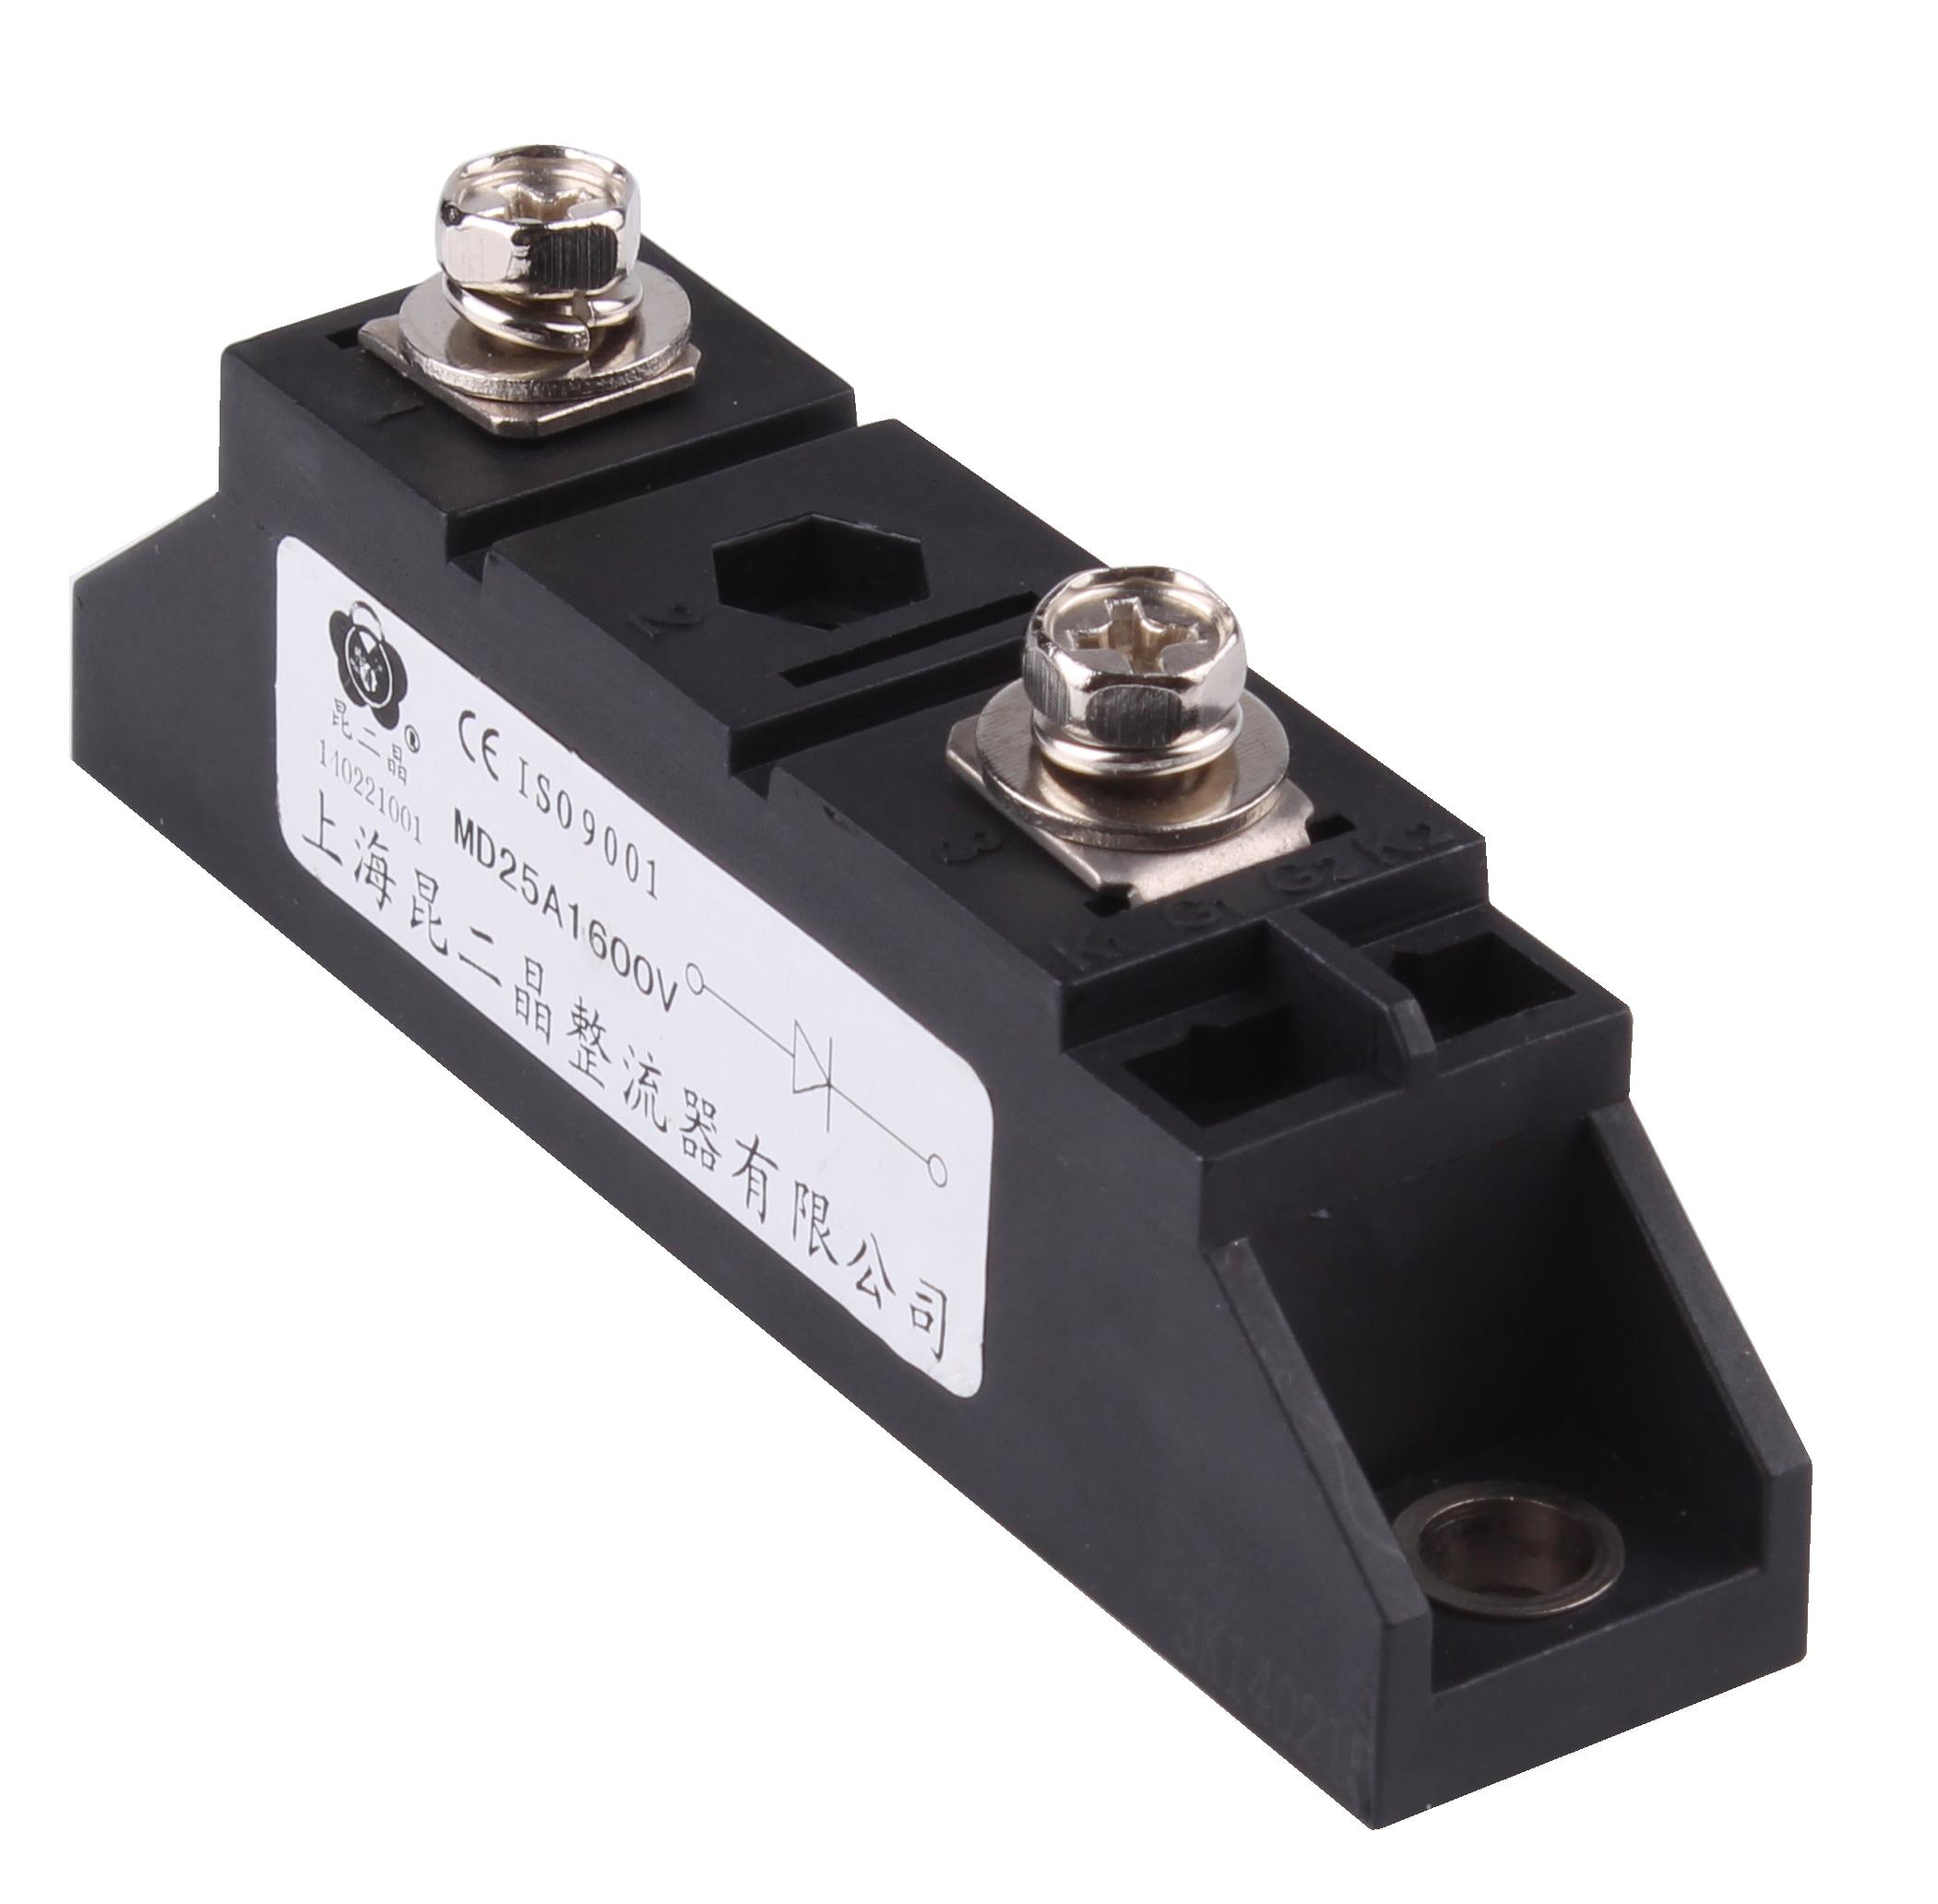 在plc里经pid调节(程序不难作),输出4-20ma信号,4-20ma信号送进可控硅